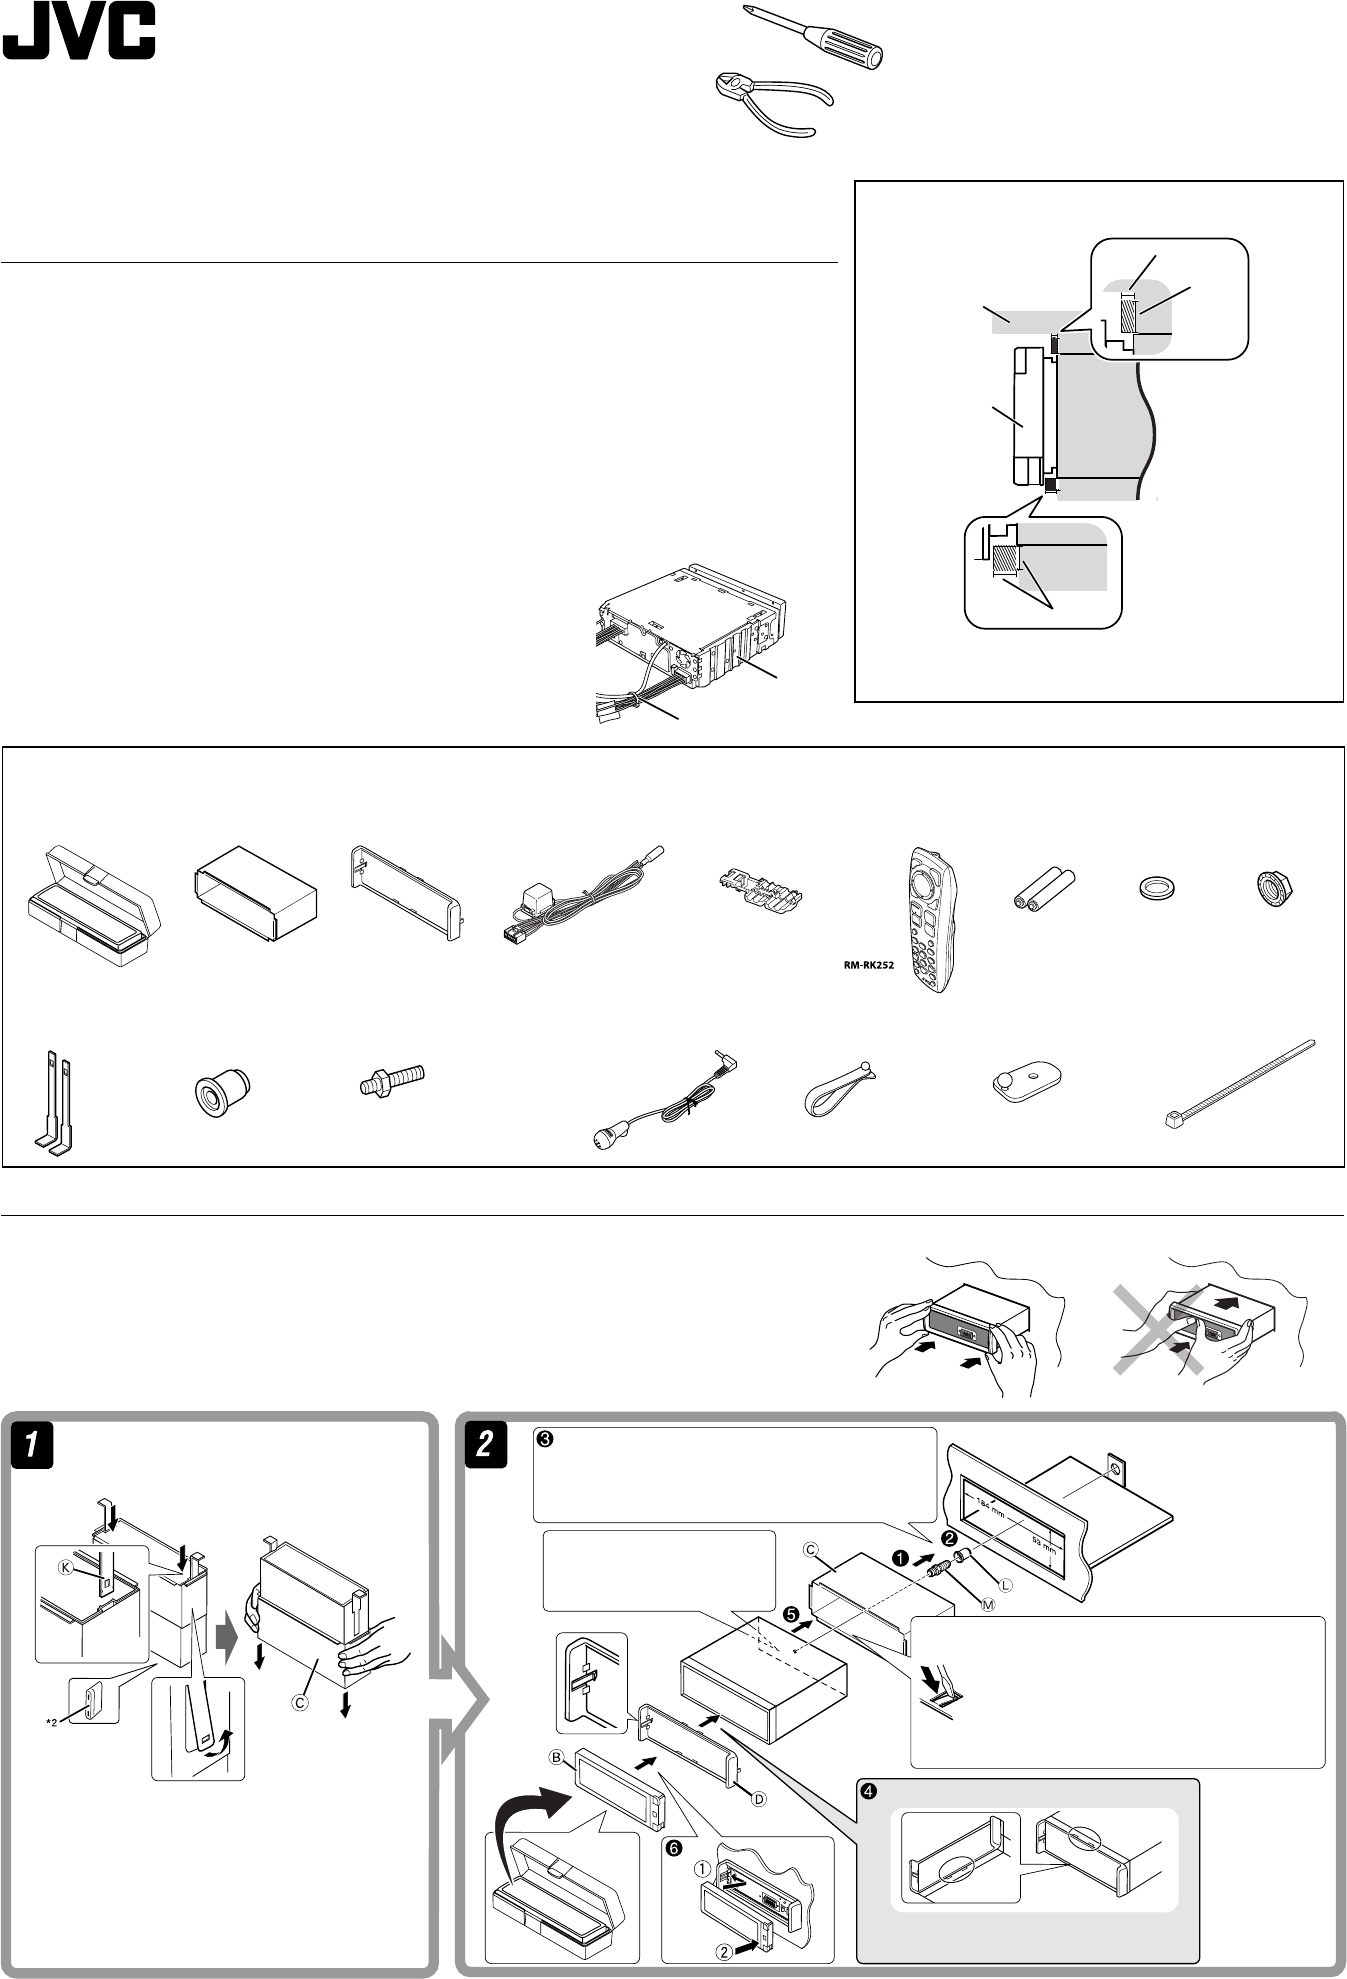 [TBQL_4184]  JVC KD AVX55A AVX77/KD AVX55 User Manual AVX55A, AVX77A LVT1938 012A | Jvc Kd Avx77 Wiring Diagram |  | UserManual.wiki